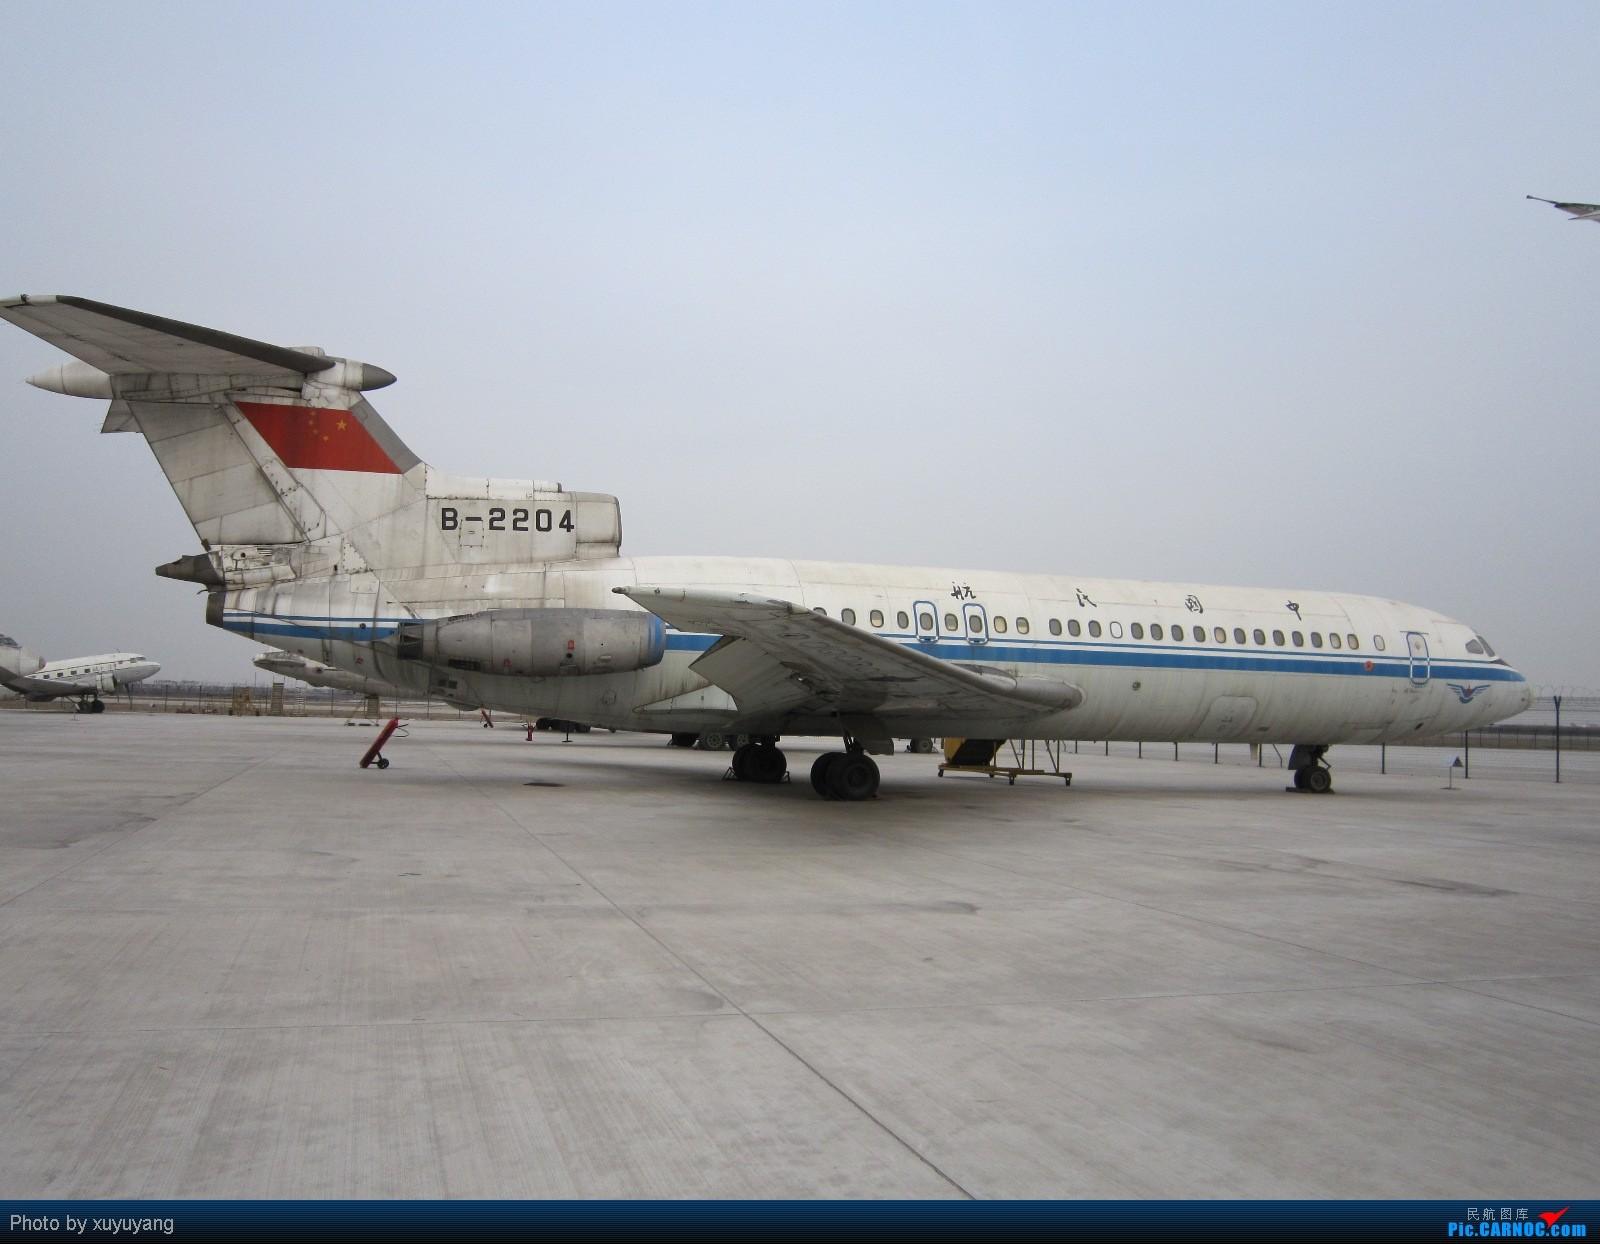 图片类别: 飞机图片